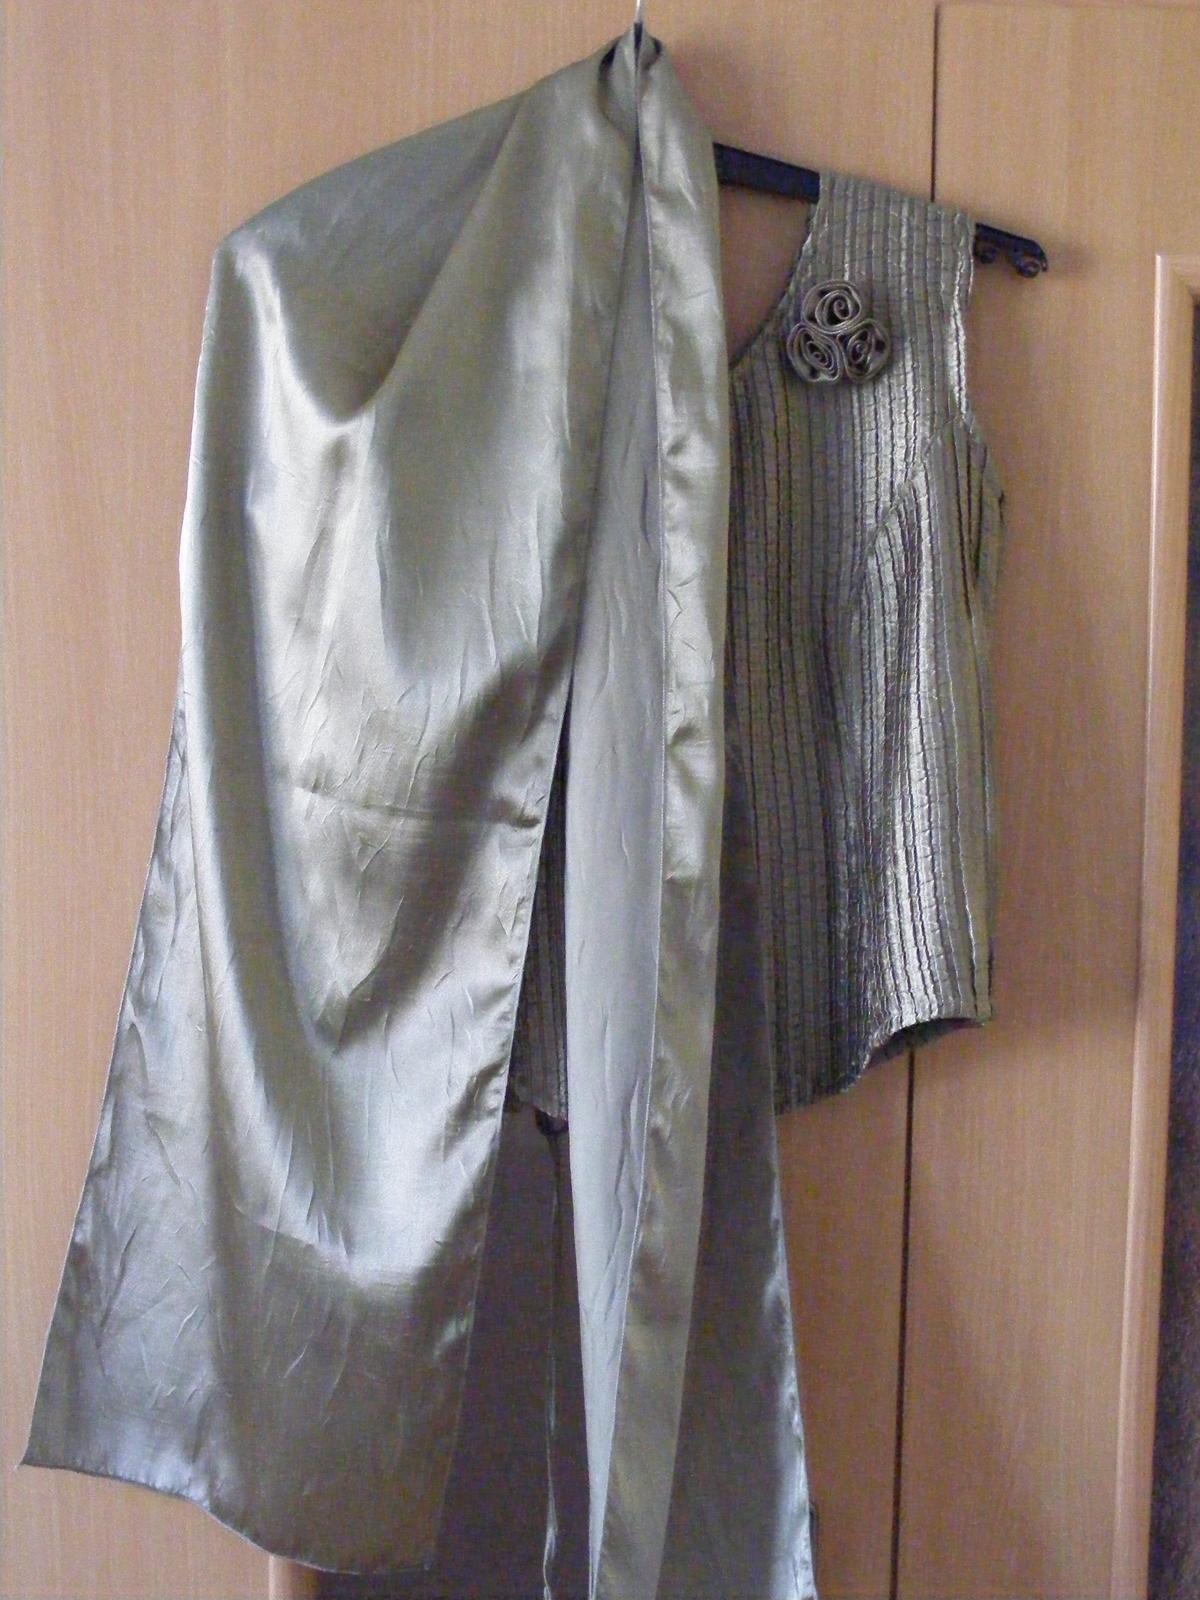 Tmavozelené korzetové šaty - Obrázok č. 4